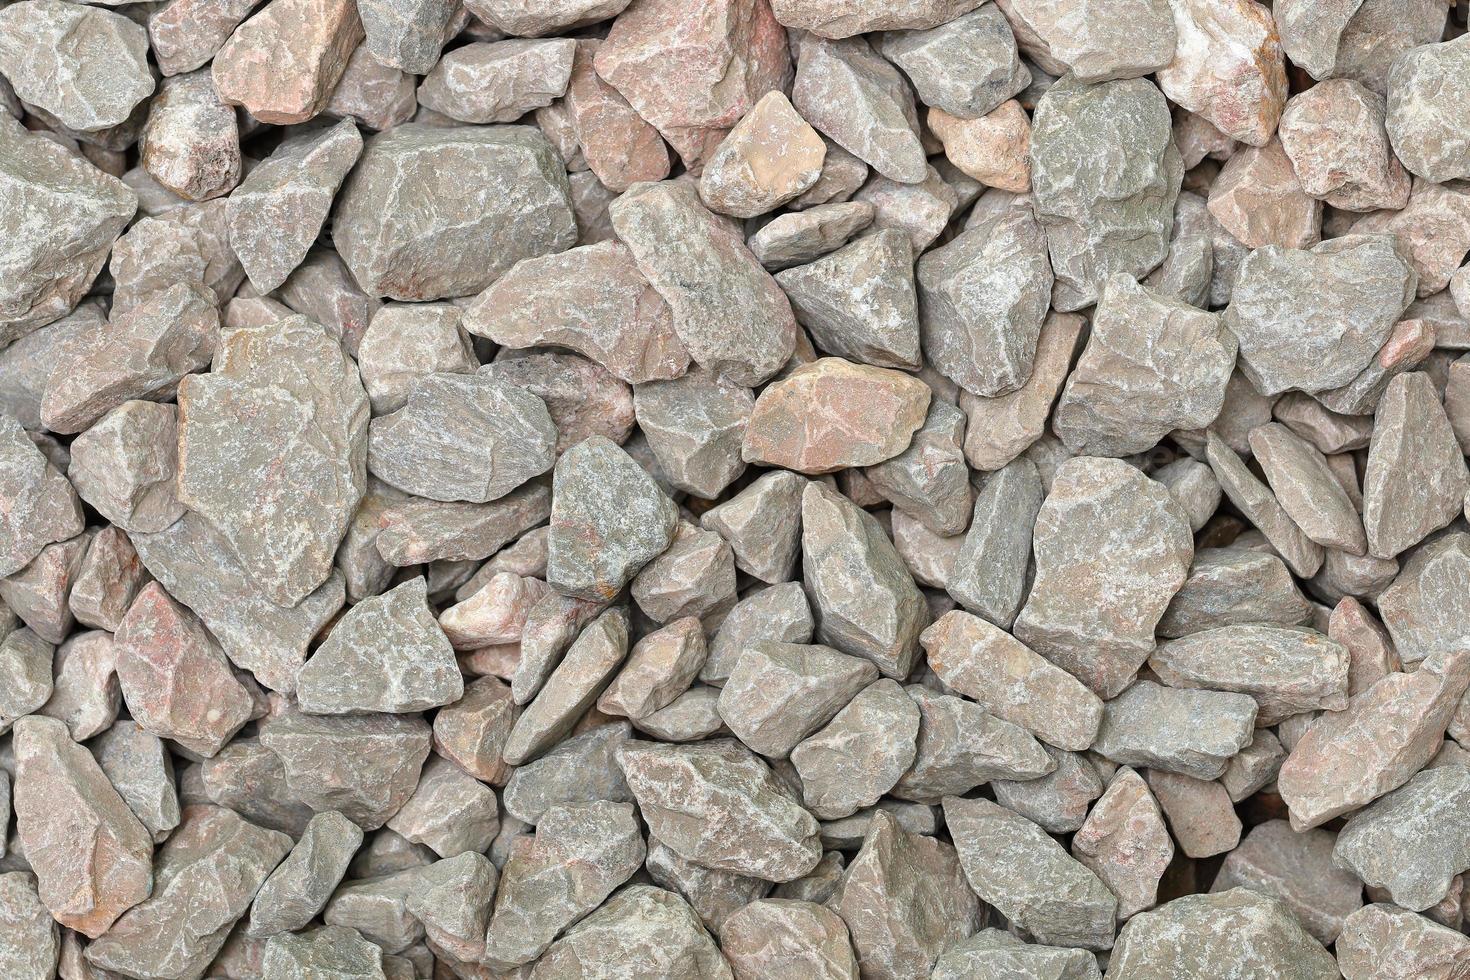 roccia metamorfica per la miscelazione del calcestruzzo foto